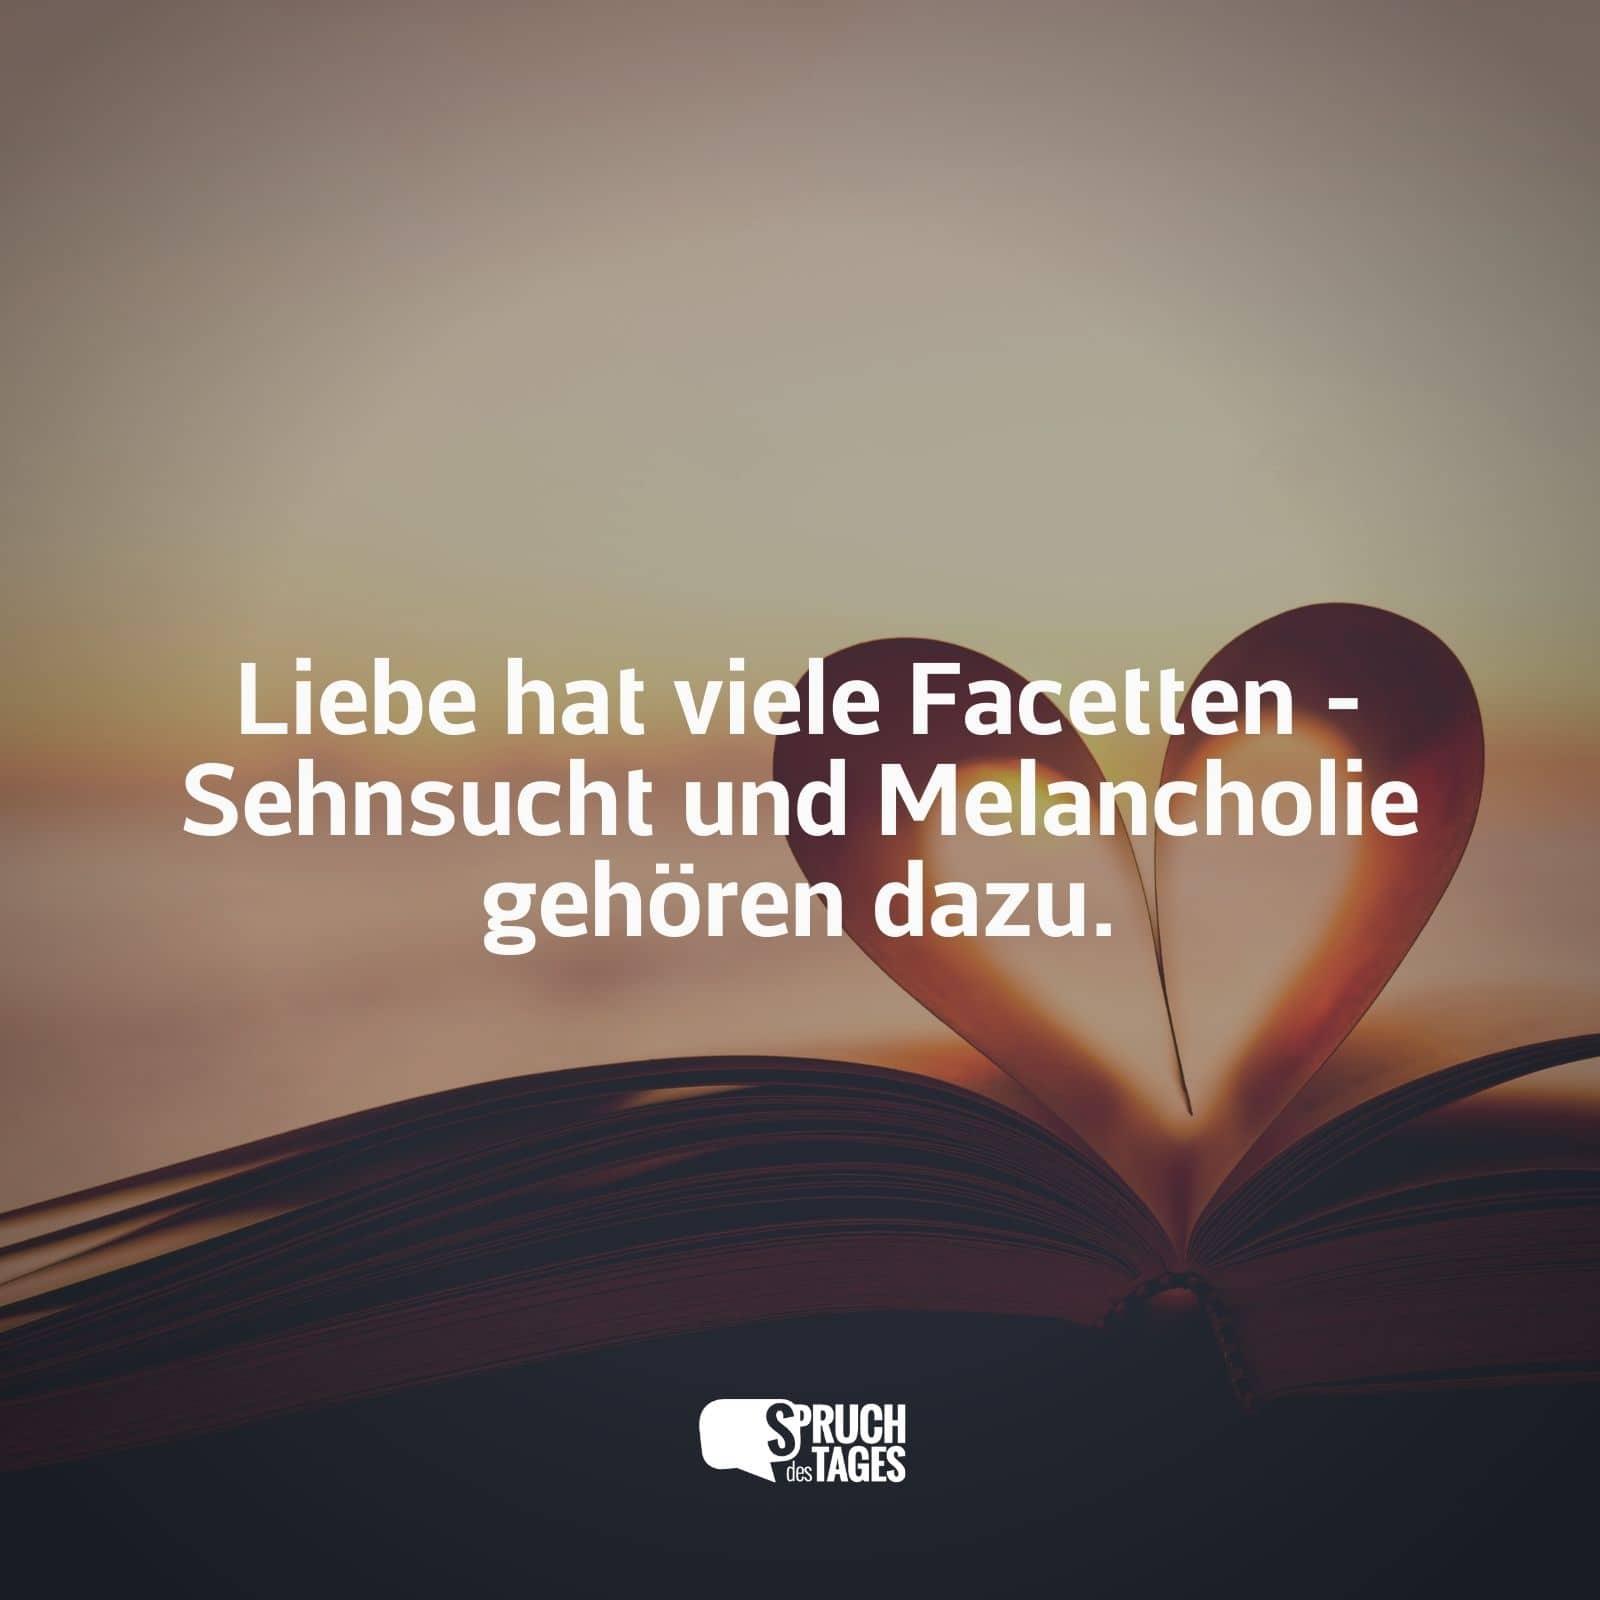 sprüche sehnsucht liebe Liebe hat viele Facetten   Sehnsucht und Melancholie gehören dazu. sprüche sehnsucht liebe